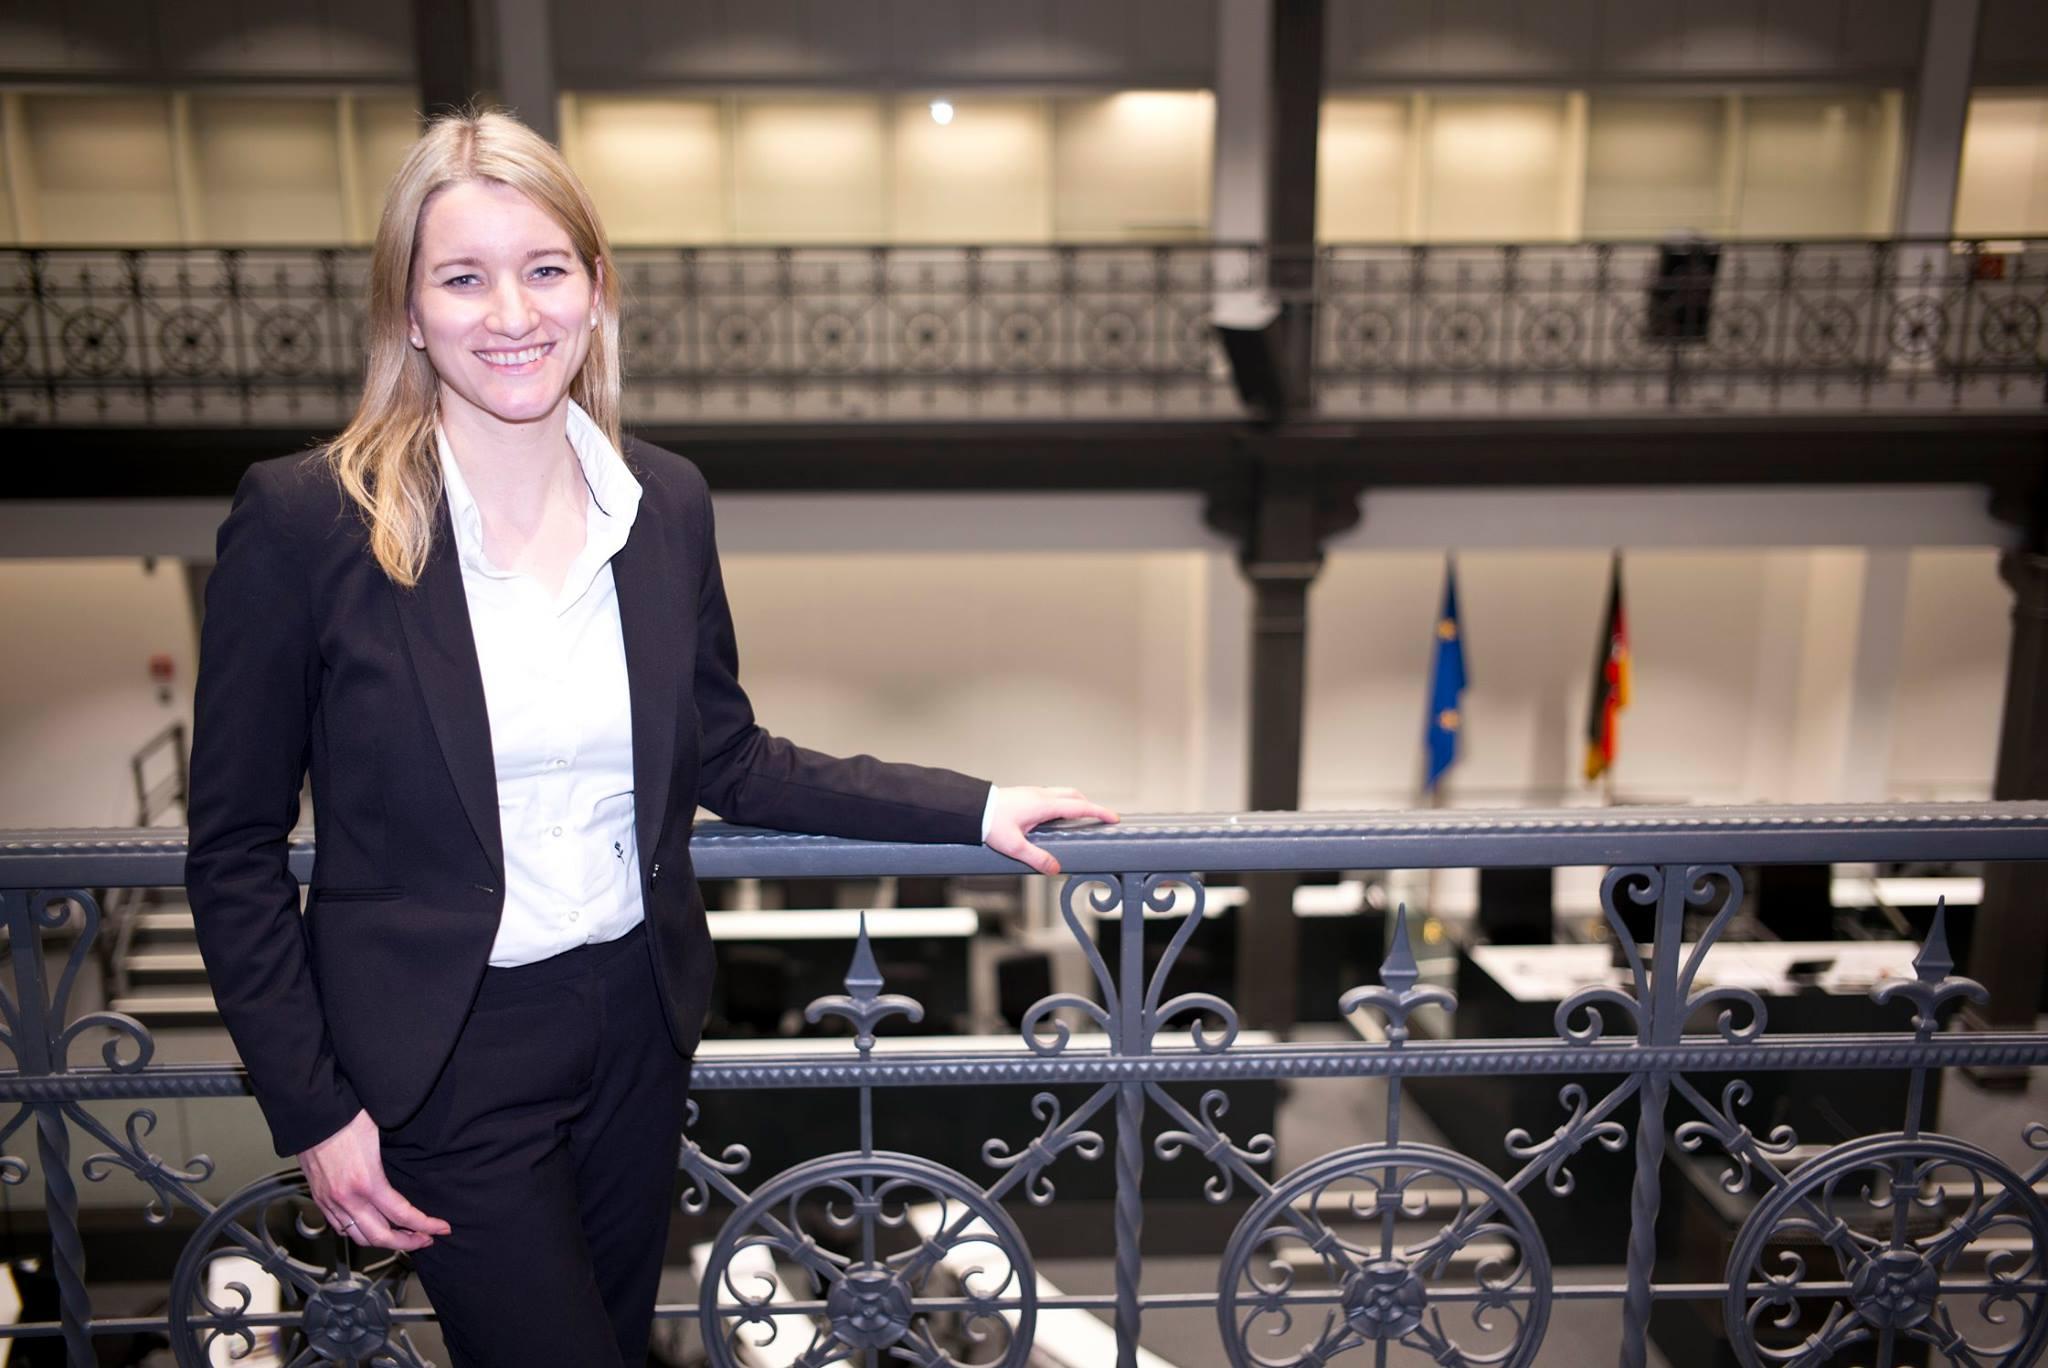 Kathrin Wahlmann auf der Empore des Plenarsaals des Niedersächsischen Landtags. Hier noch im provisorischen Landtagsgebäude 2017.